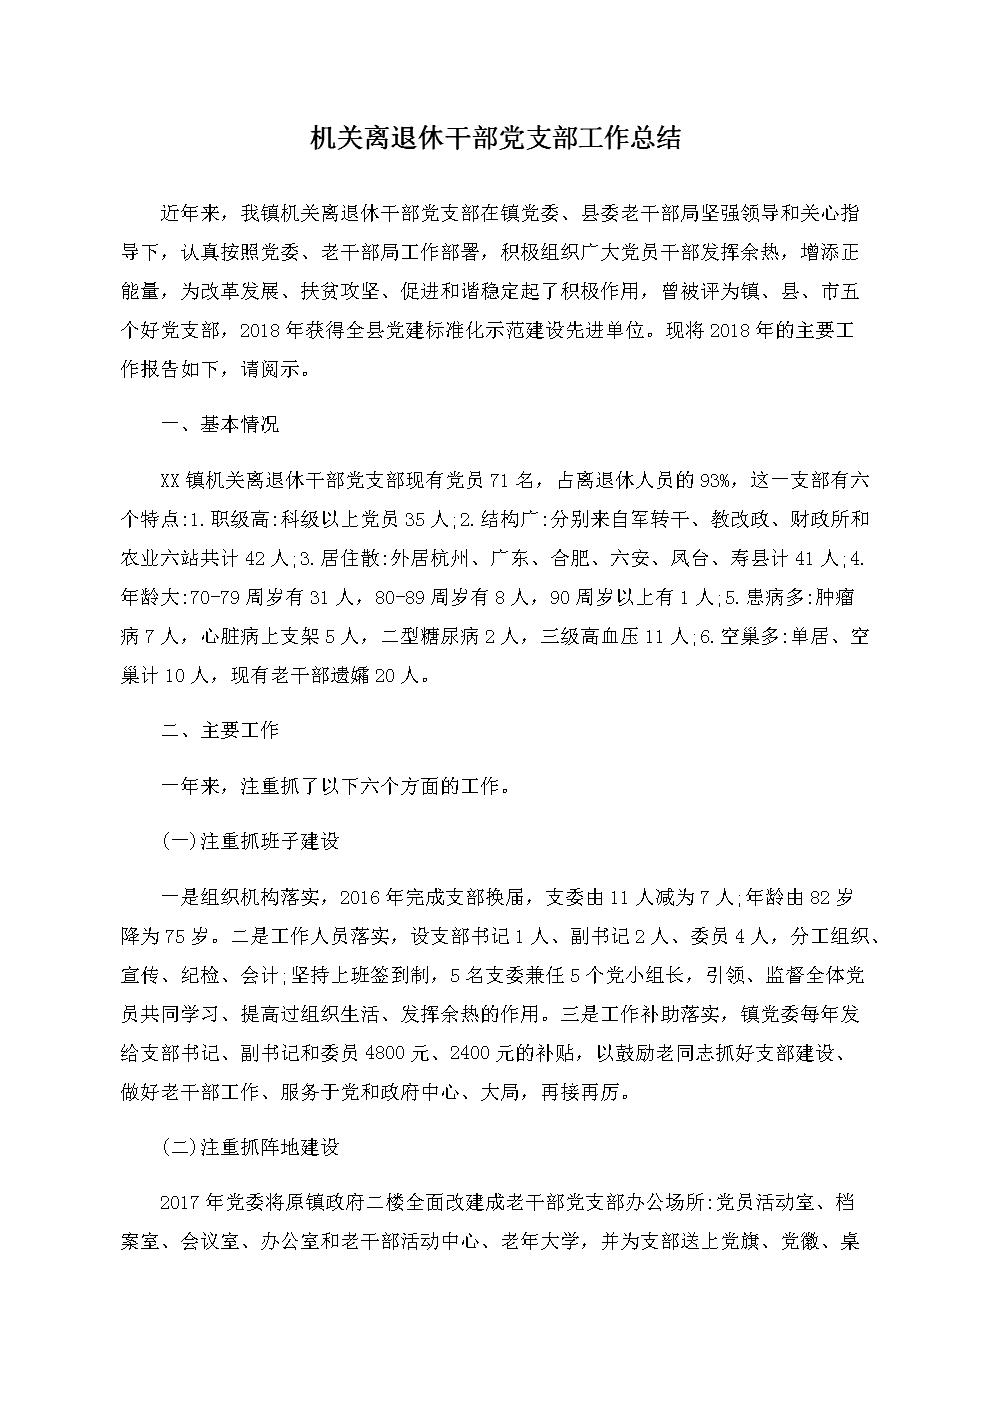 机关离退休干部党支部工作总结.docx